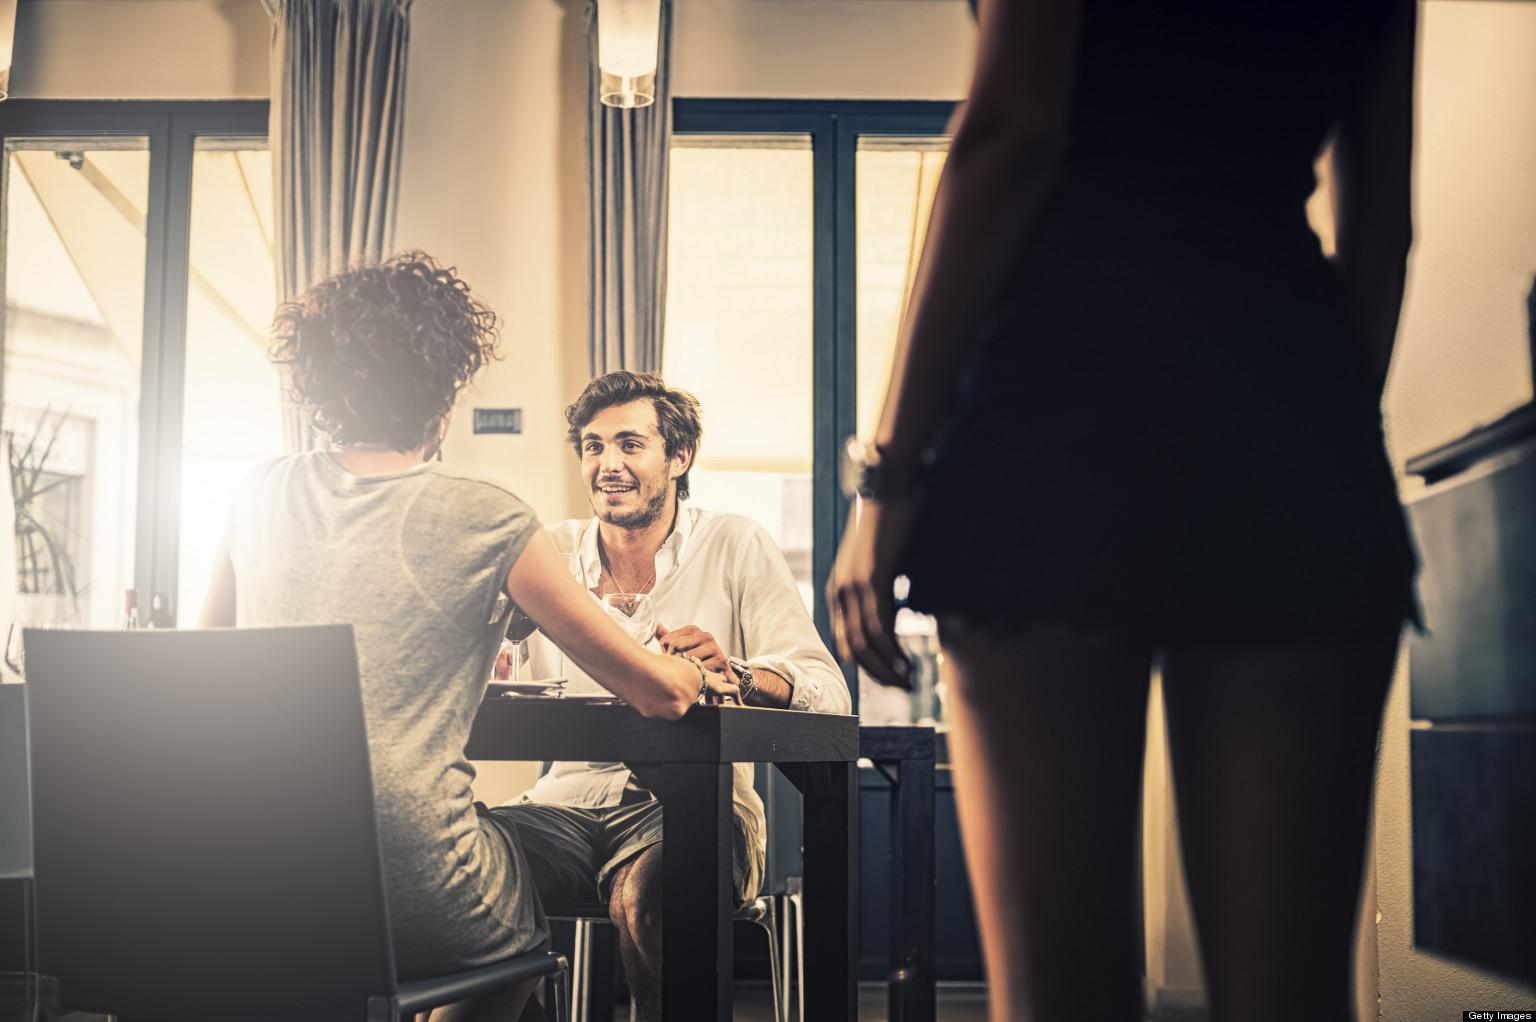 3 câu hỏi vợ phải trả lời được khi có chồng ngoại tình